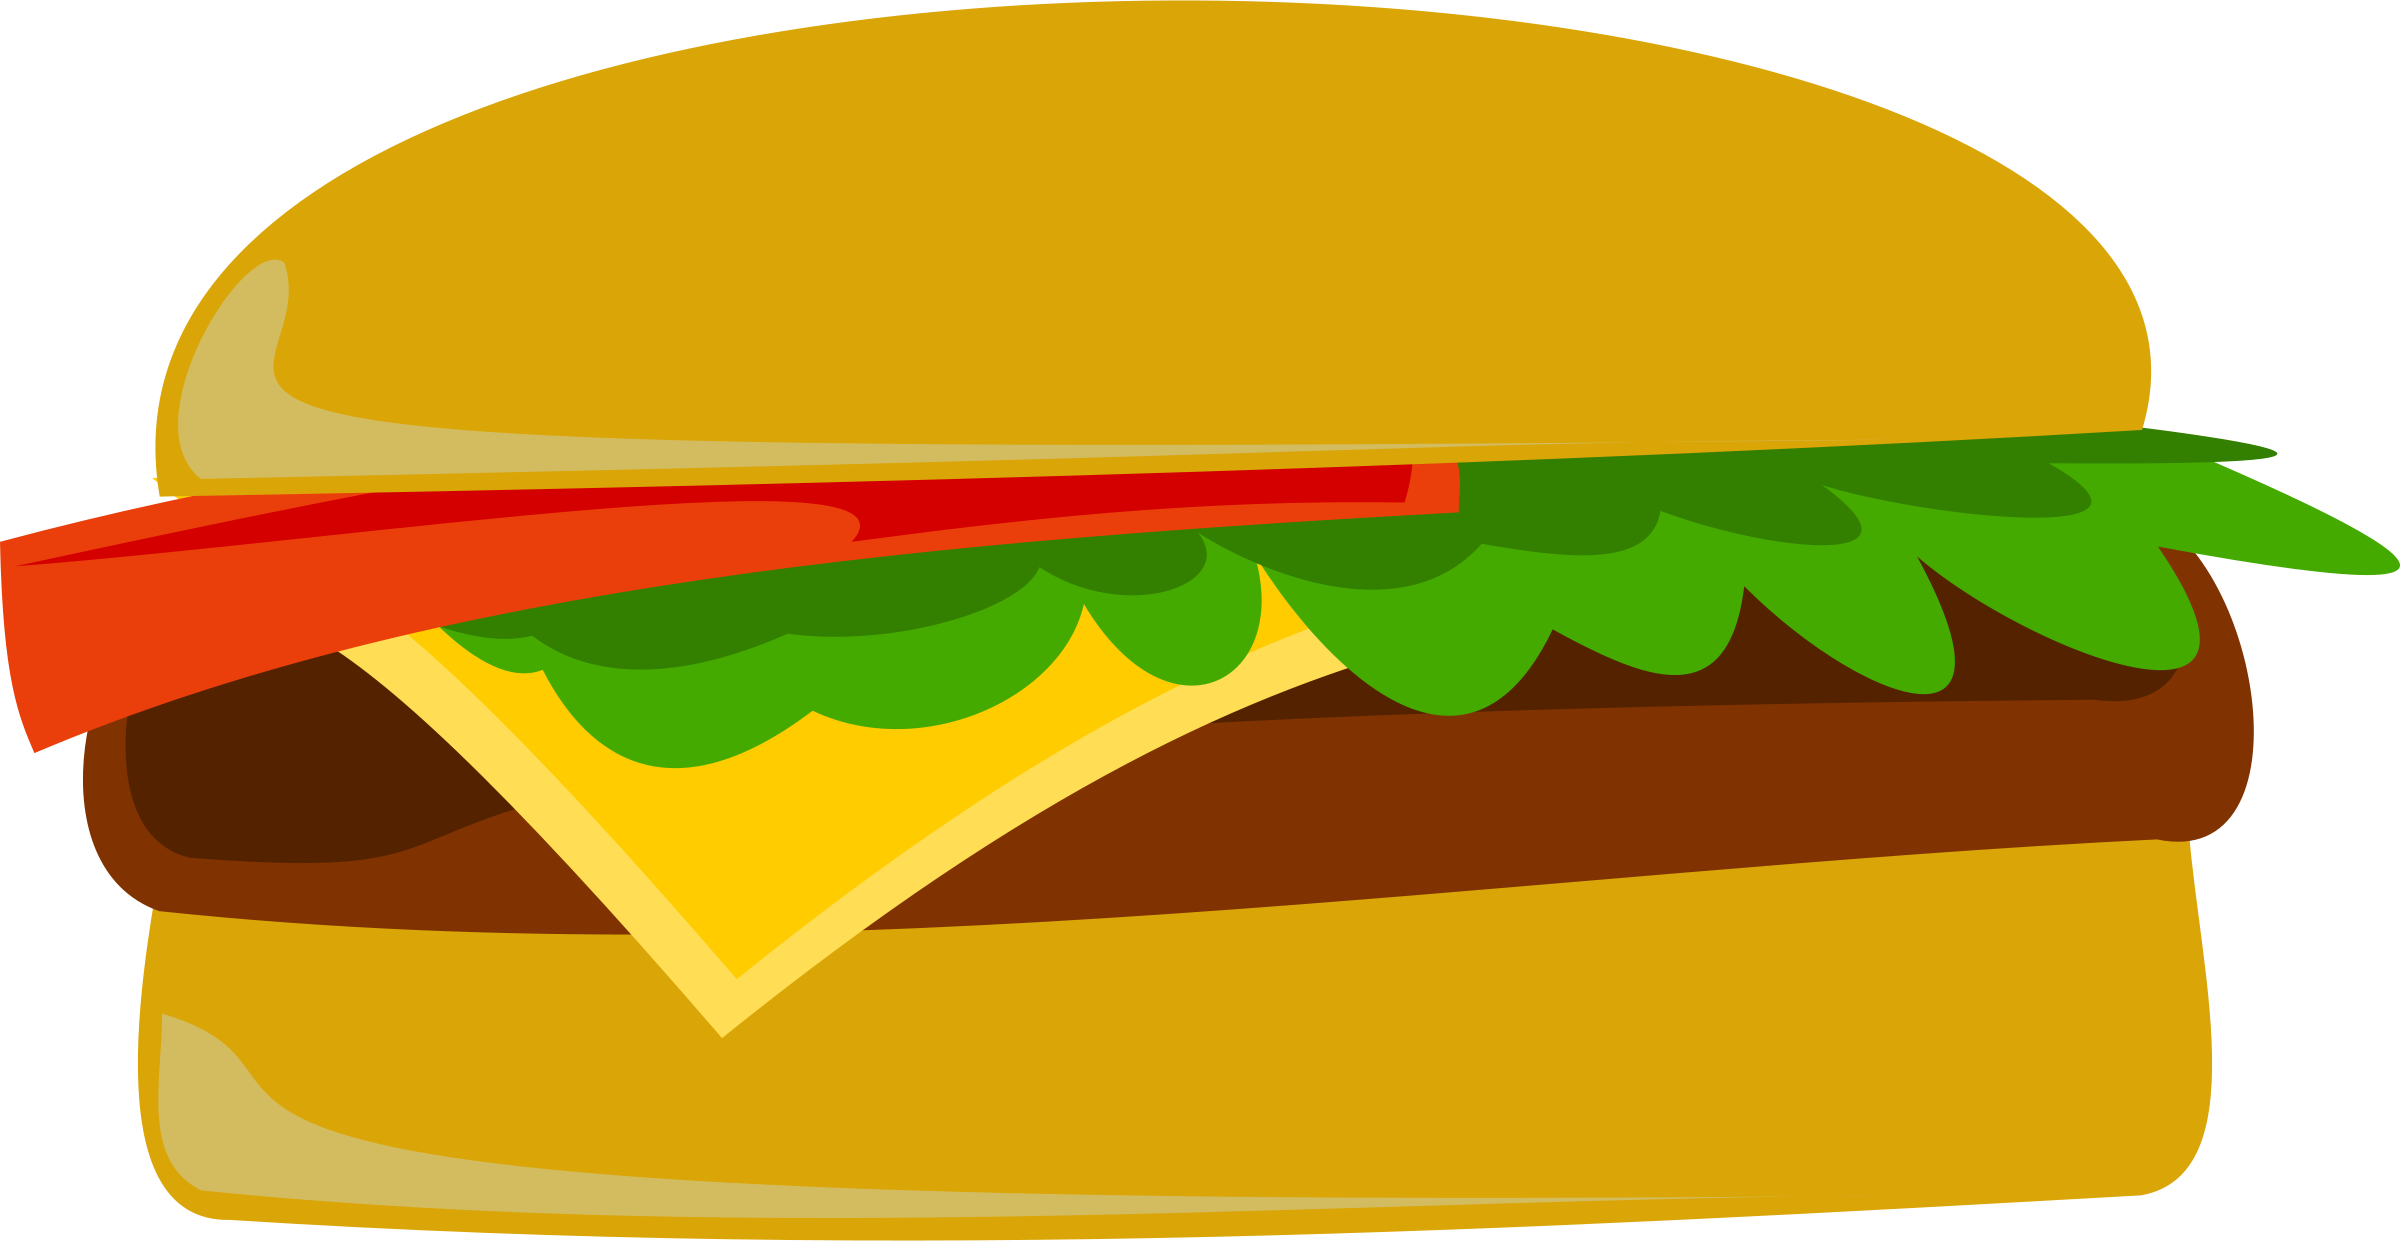 Hamburger Clip Art 2-Hamburger clip art 2-12